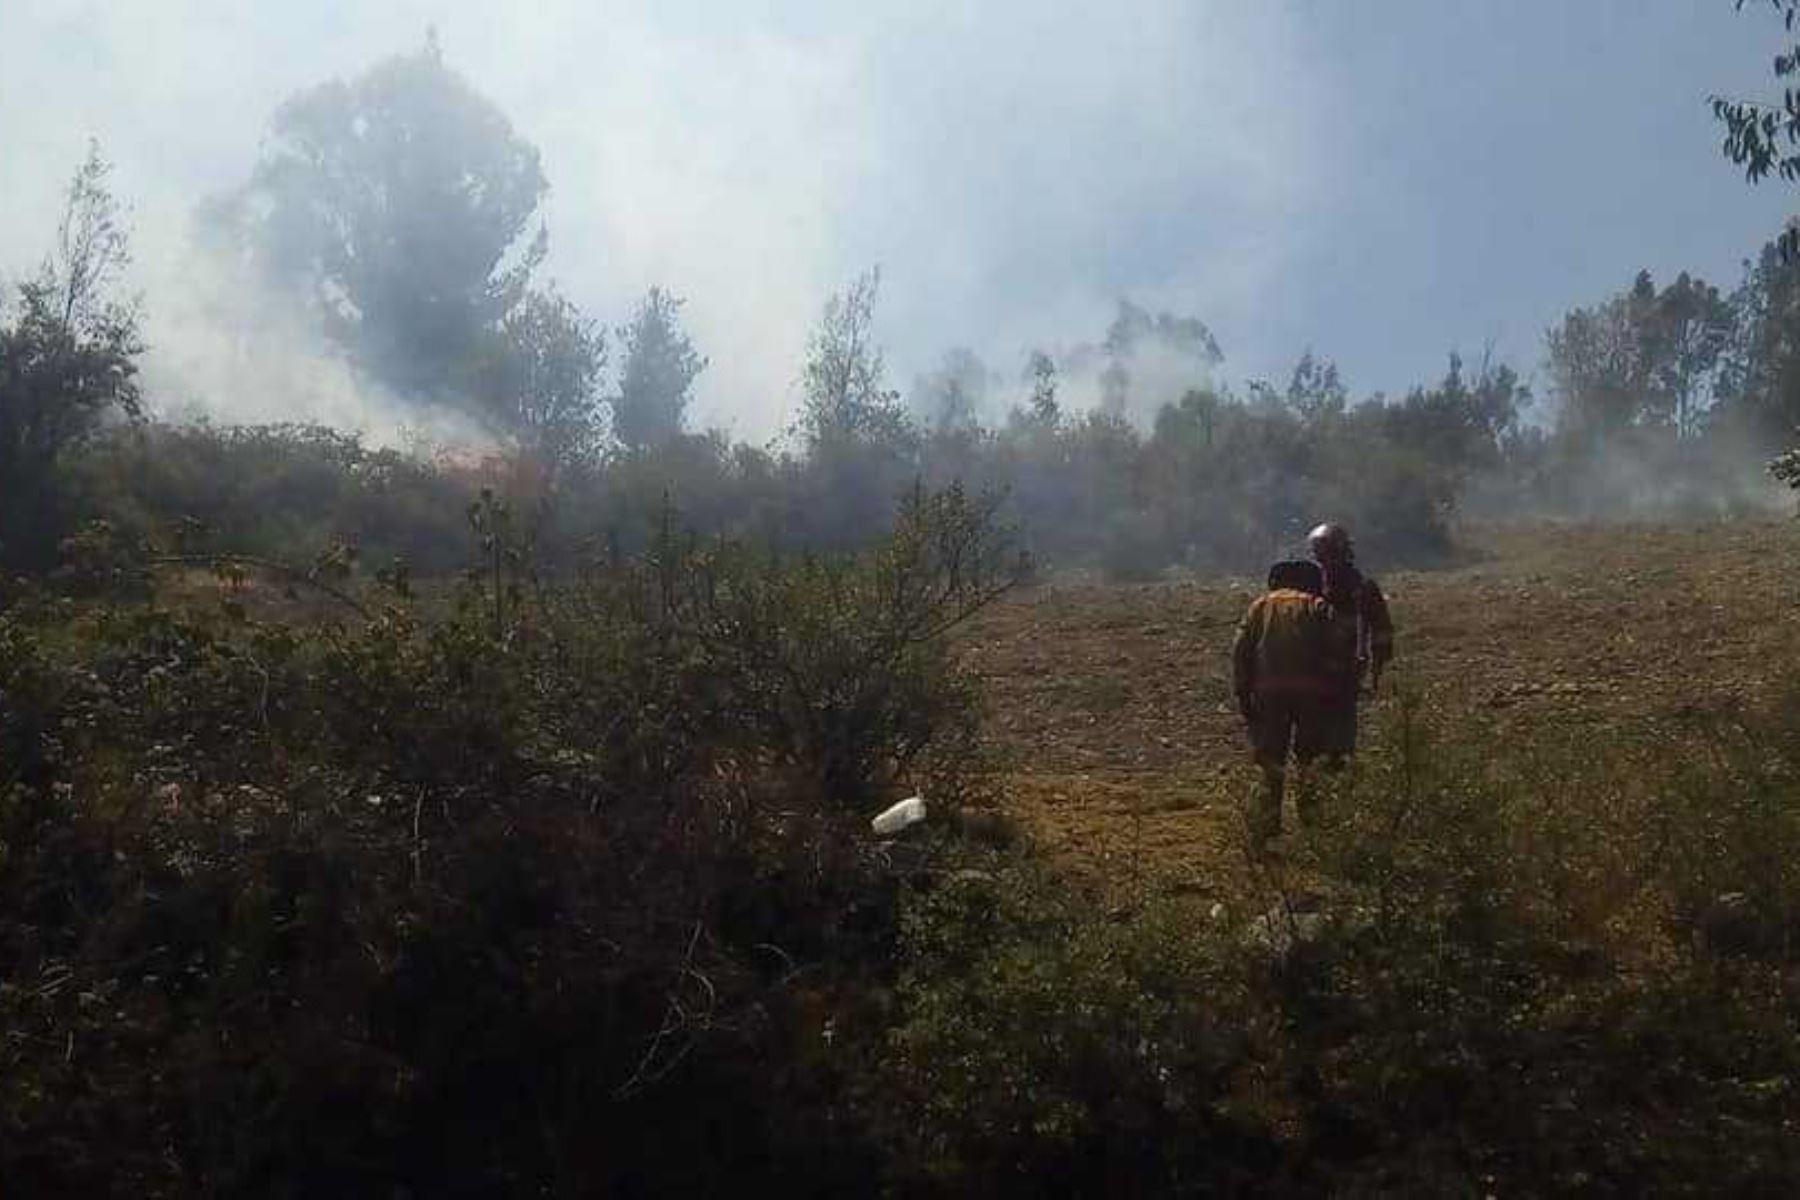 Un incendio forestal destruyó 10 hectáreas de plantaciones en el caserío de Uquía, centro poblado de Paria Wilcahuain, en el distrito de Independencia, región Áncash, reportó la Plataforma Distrital de Defensa Civil.